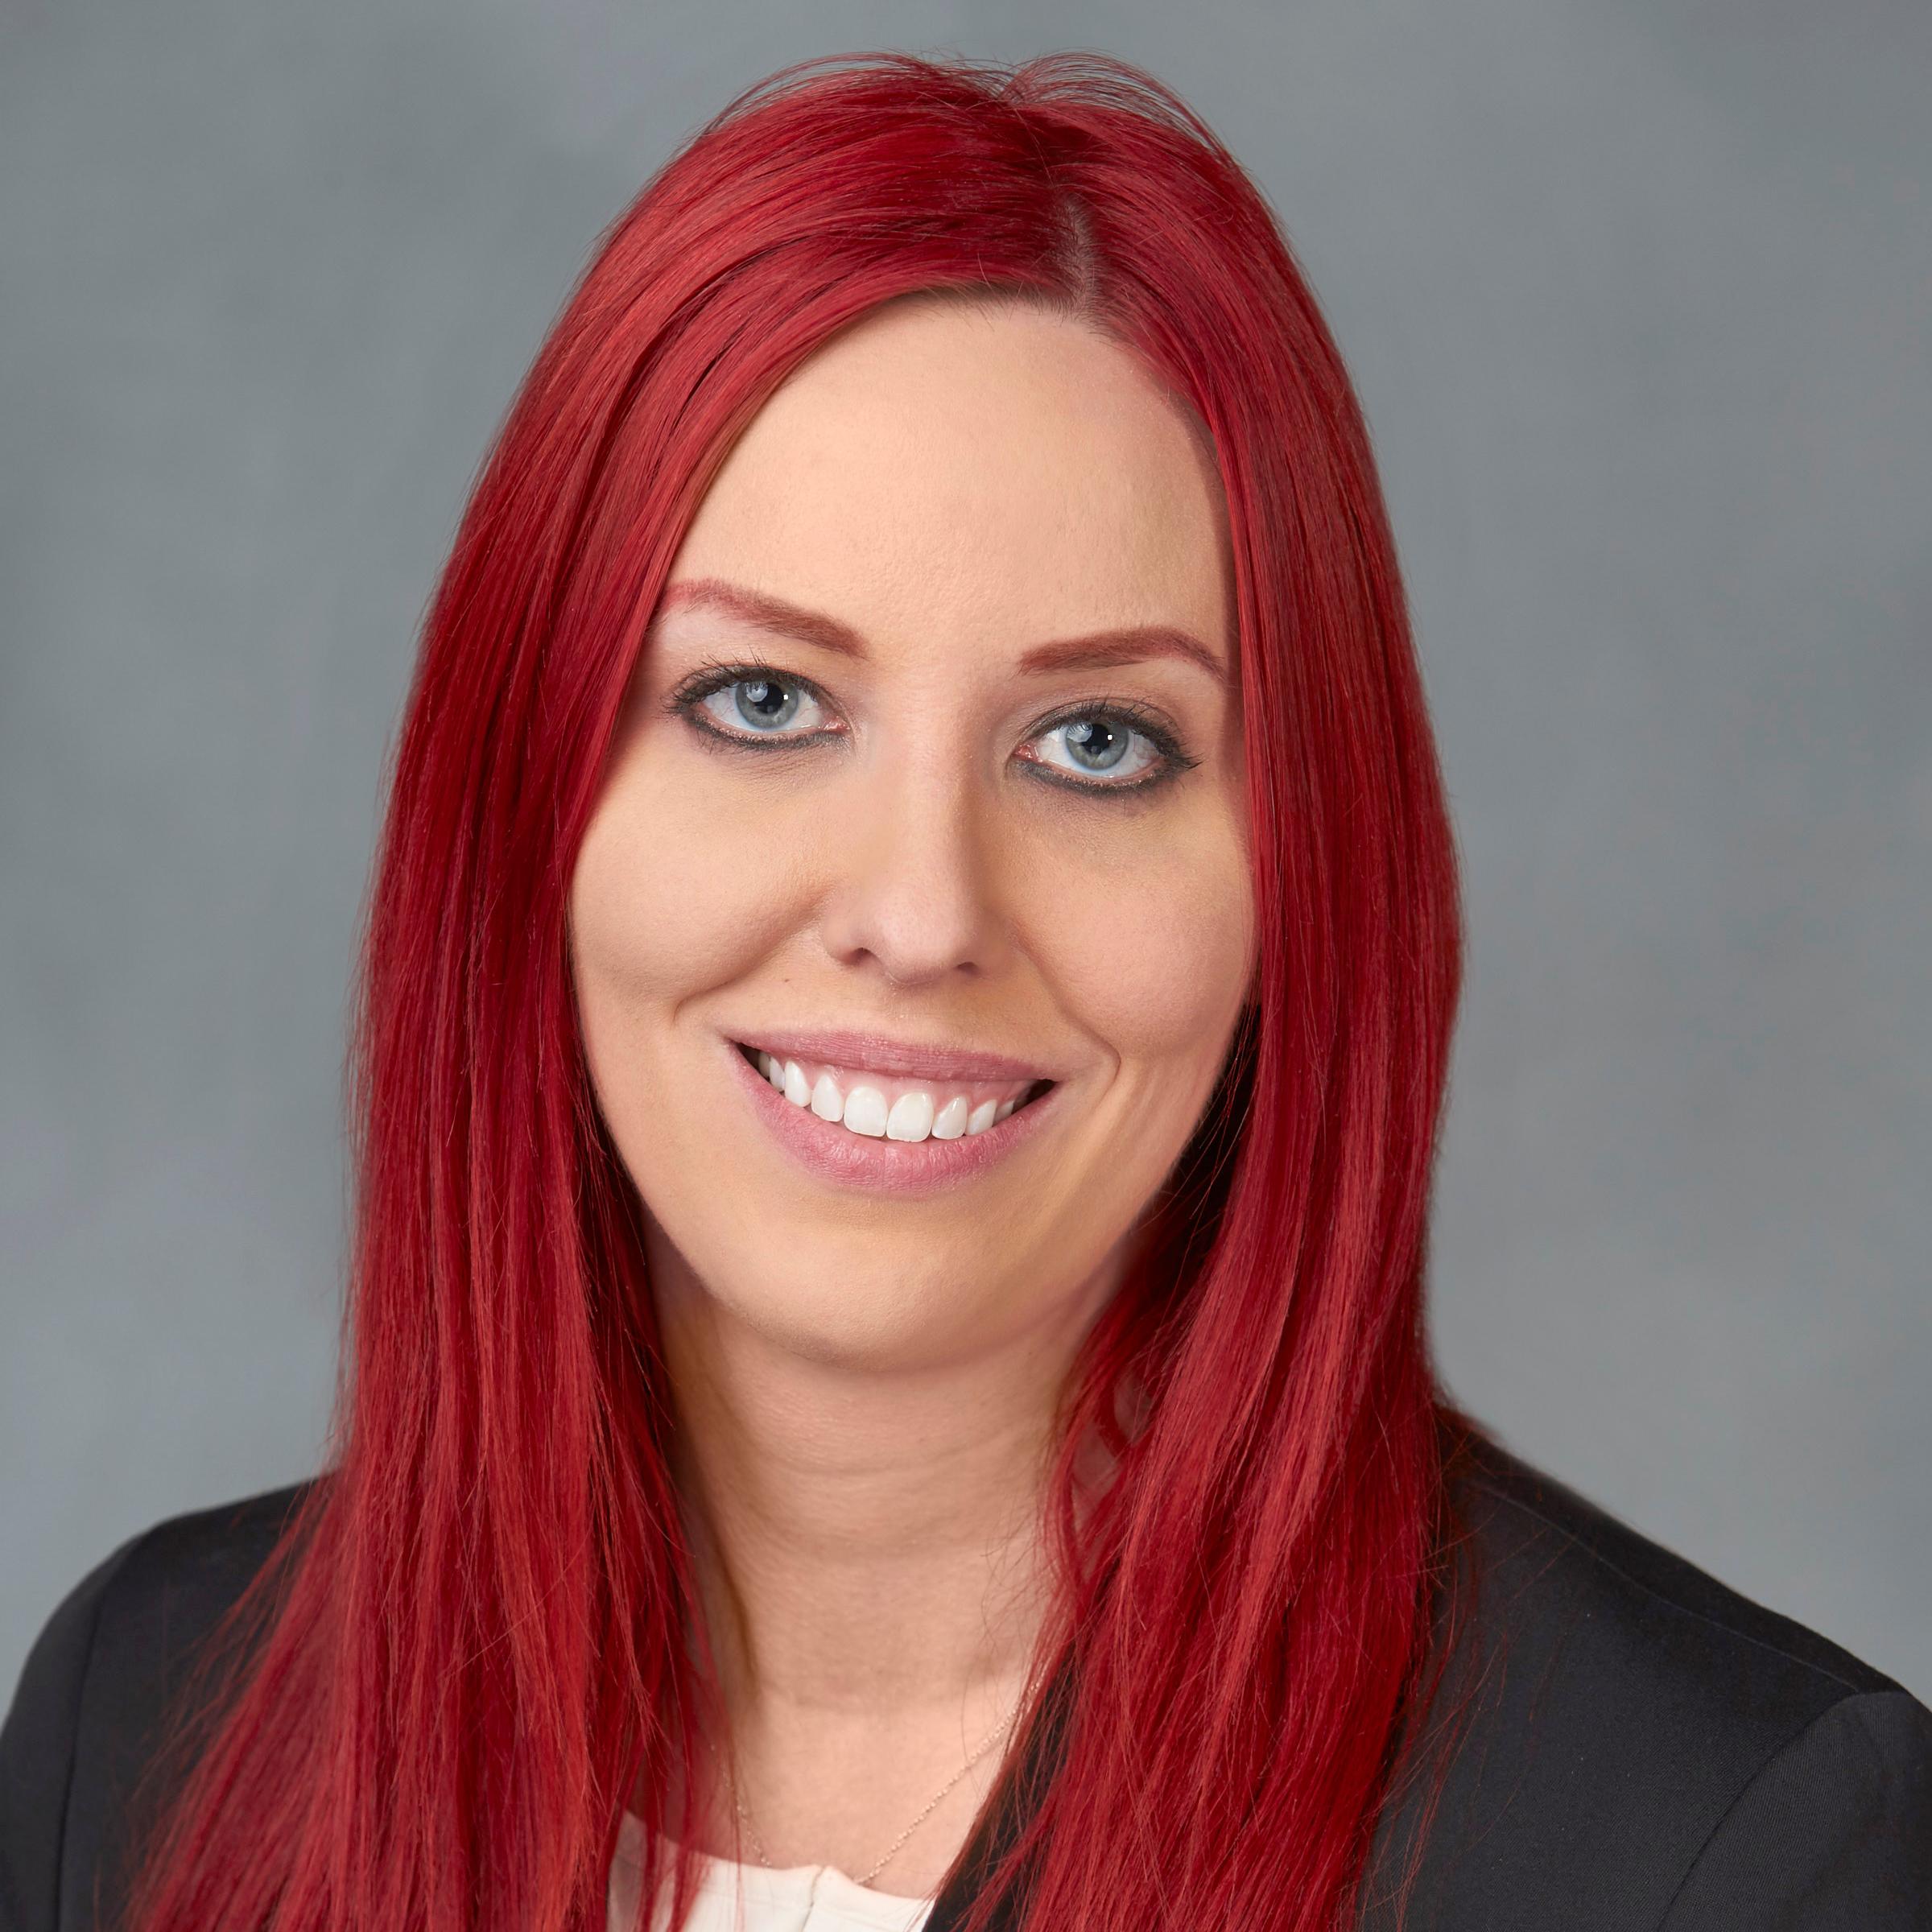 Headshot of Megan Svarz